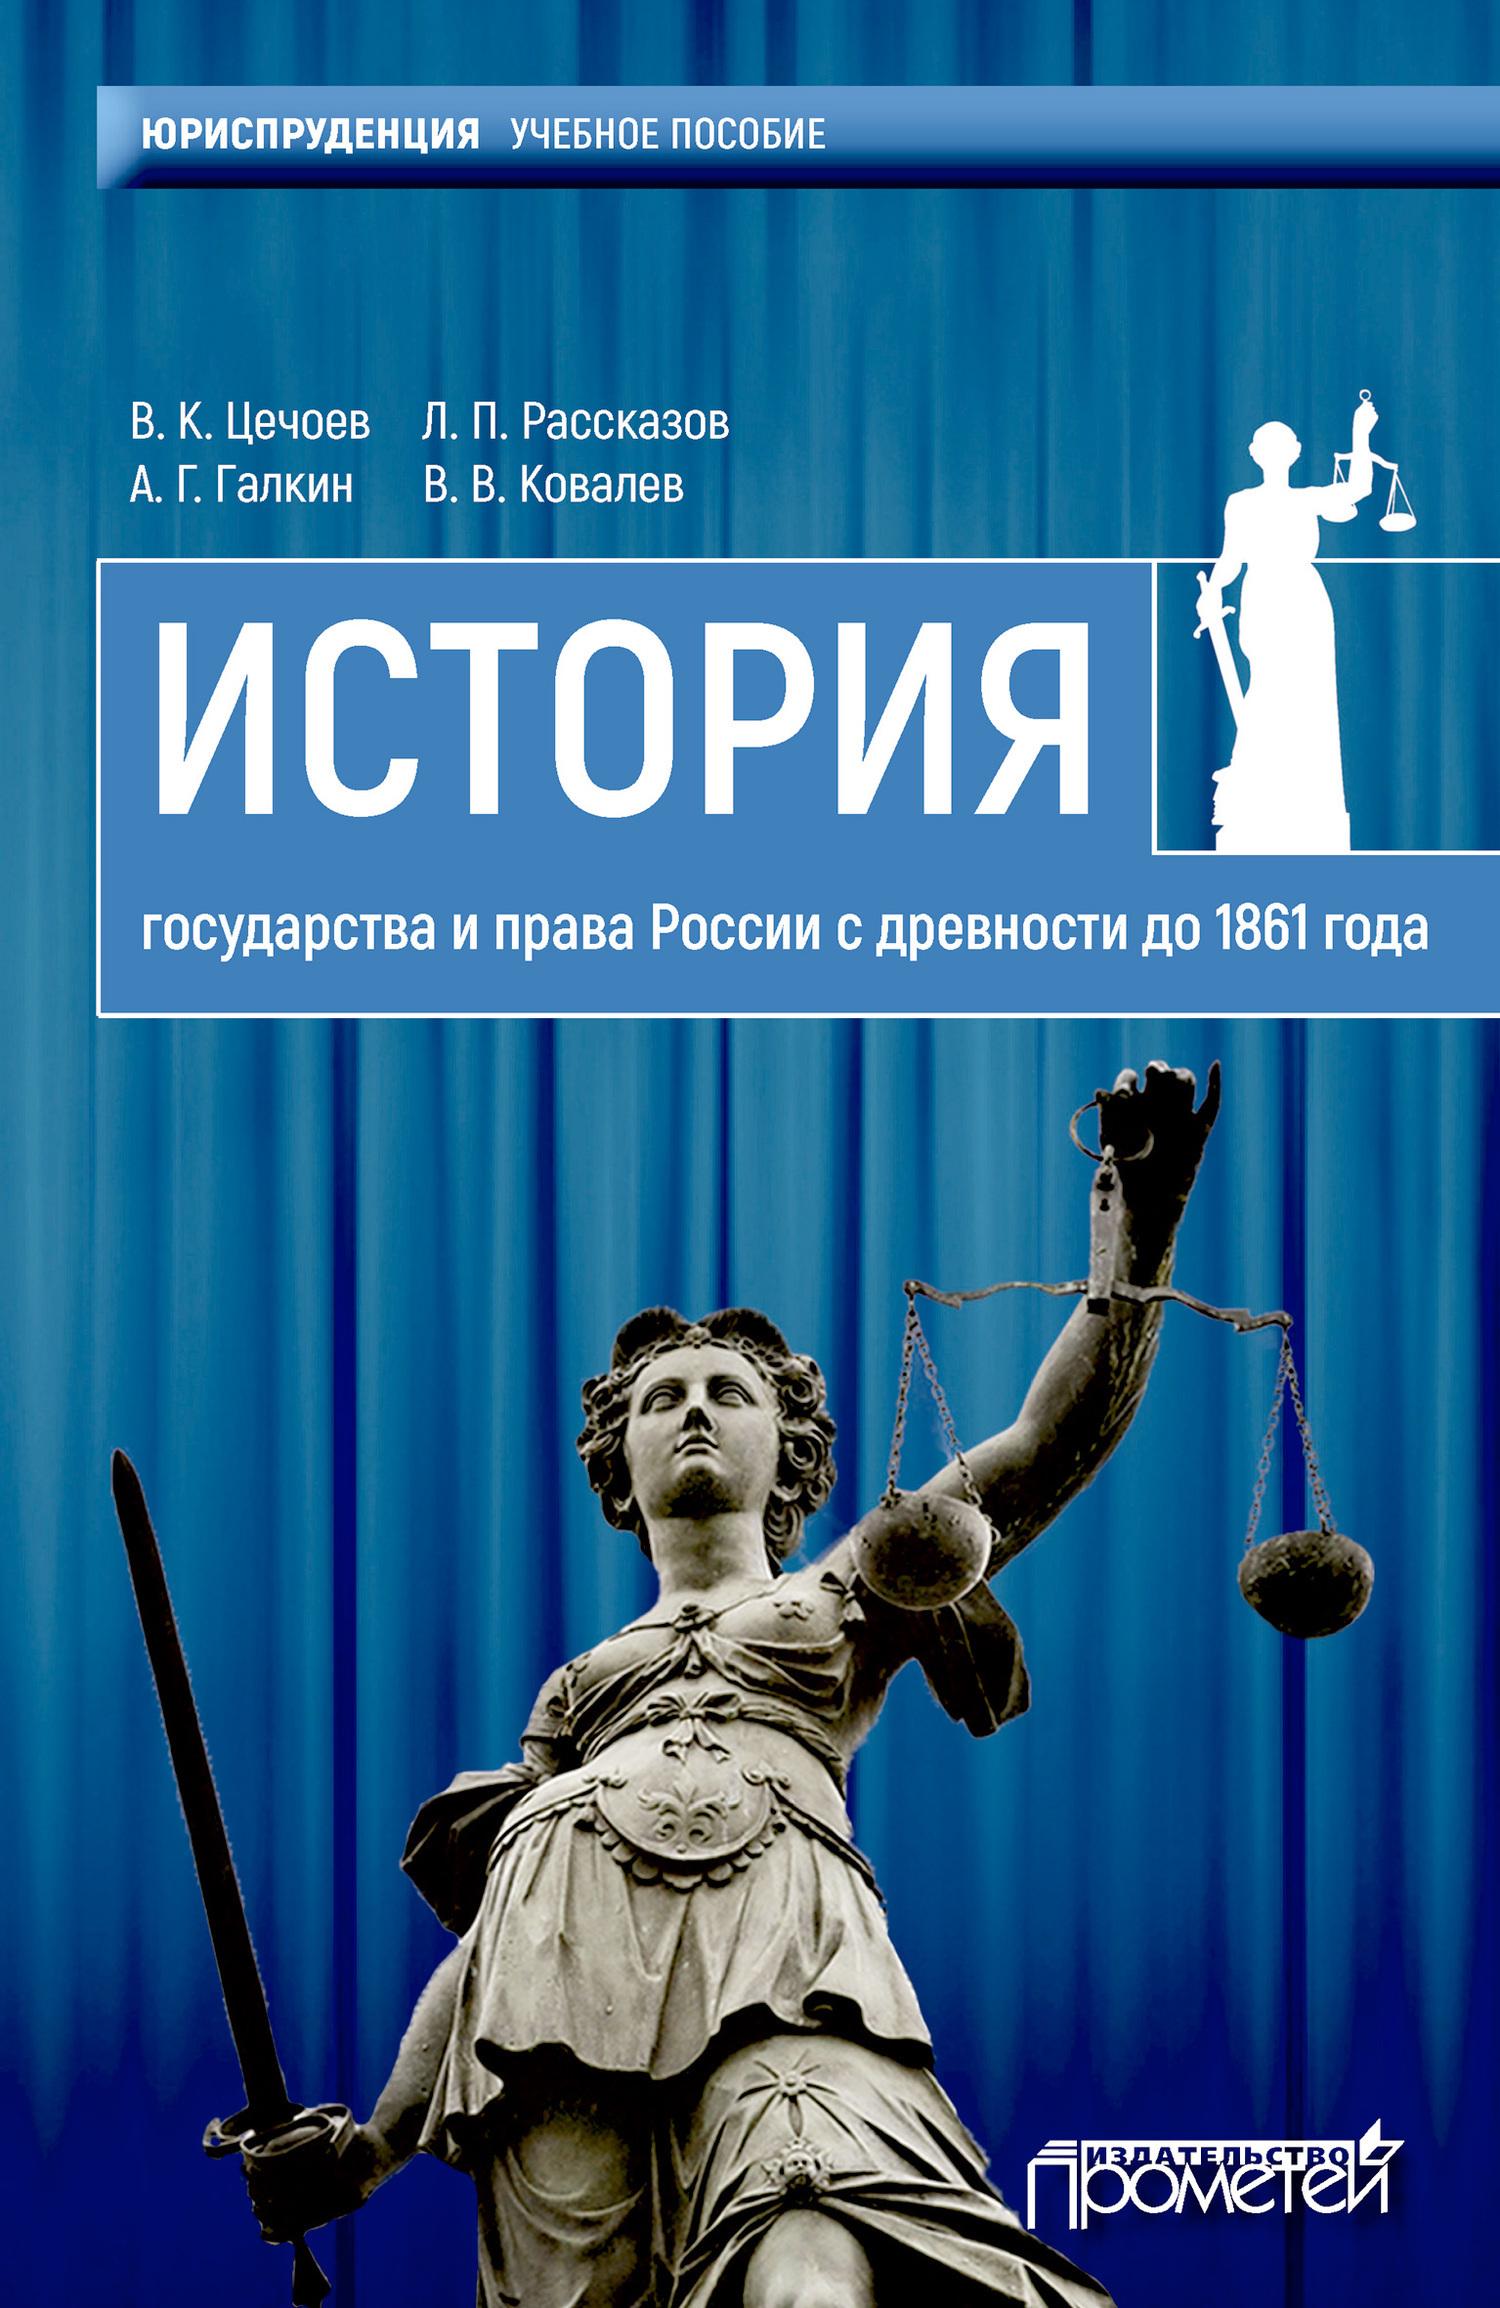 История государства и права России с древности до 1861 года